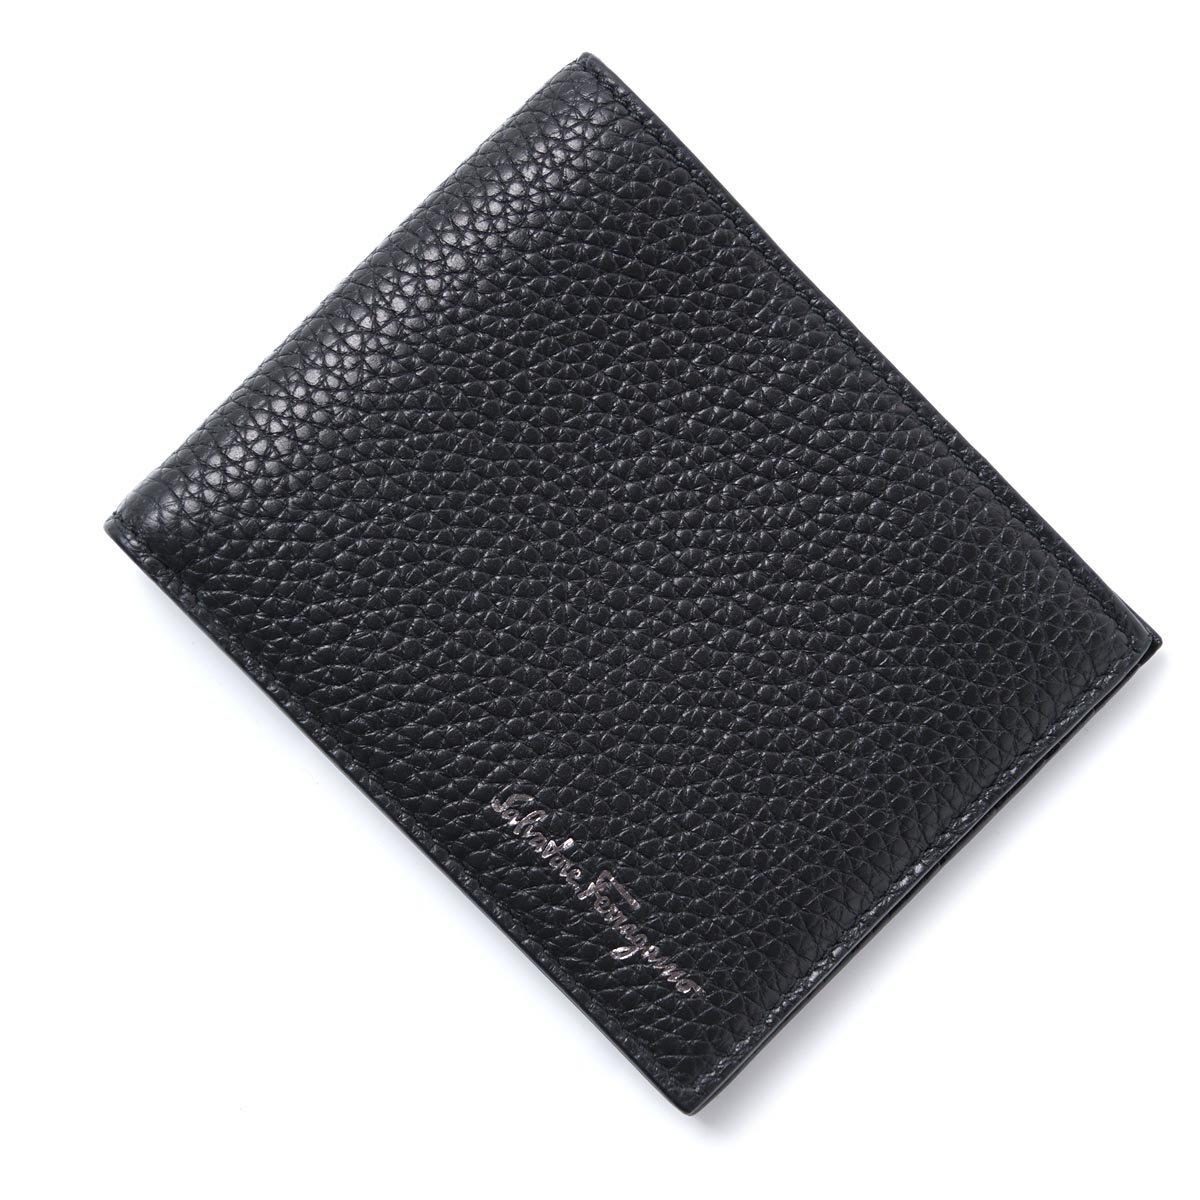 (サルバトーレフェラガモ) Salvatore Ferragamo 二つ折り 財布 [並行輸入品] B07CSKRZF8  Nero Free